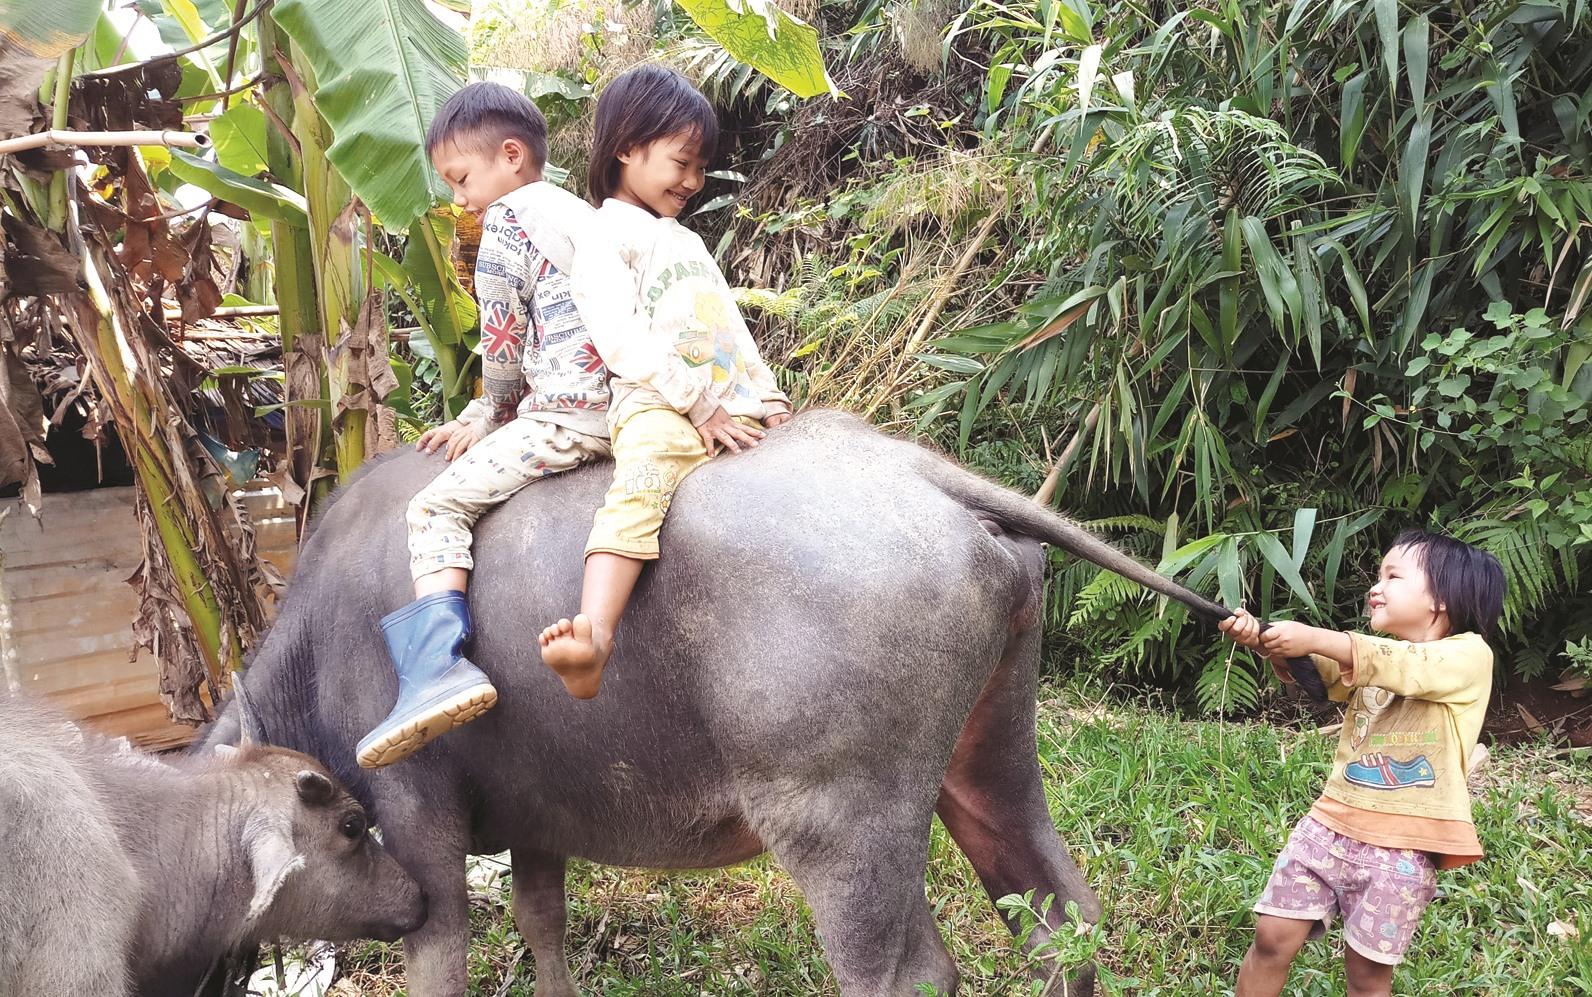 Niềm vui ngày hè của những đứa trẻ ở xã Phước Lộc (Phước Sơn).